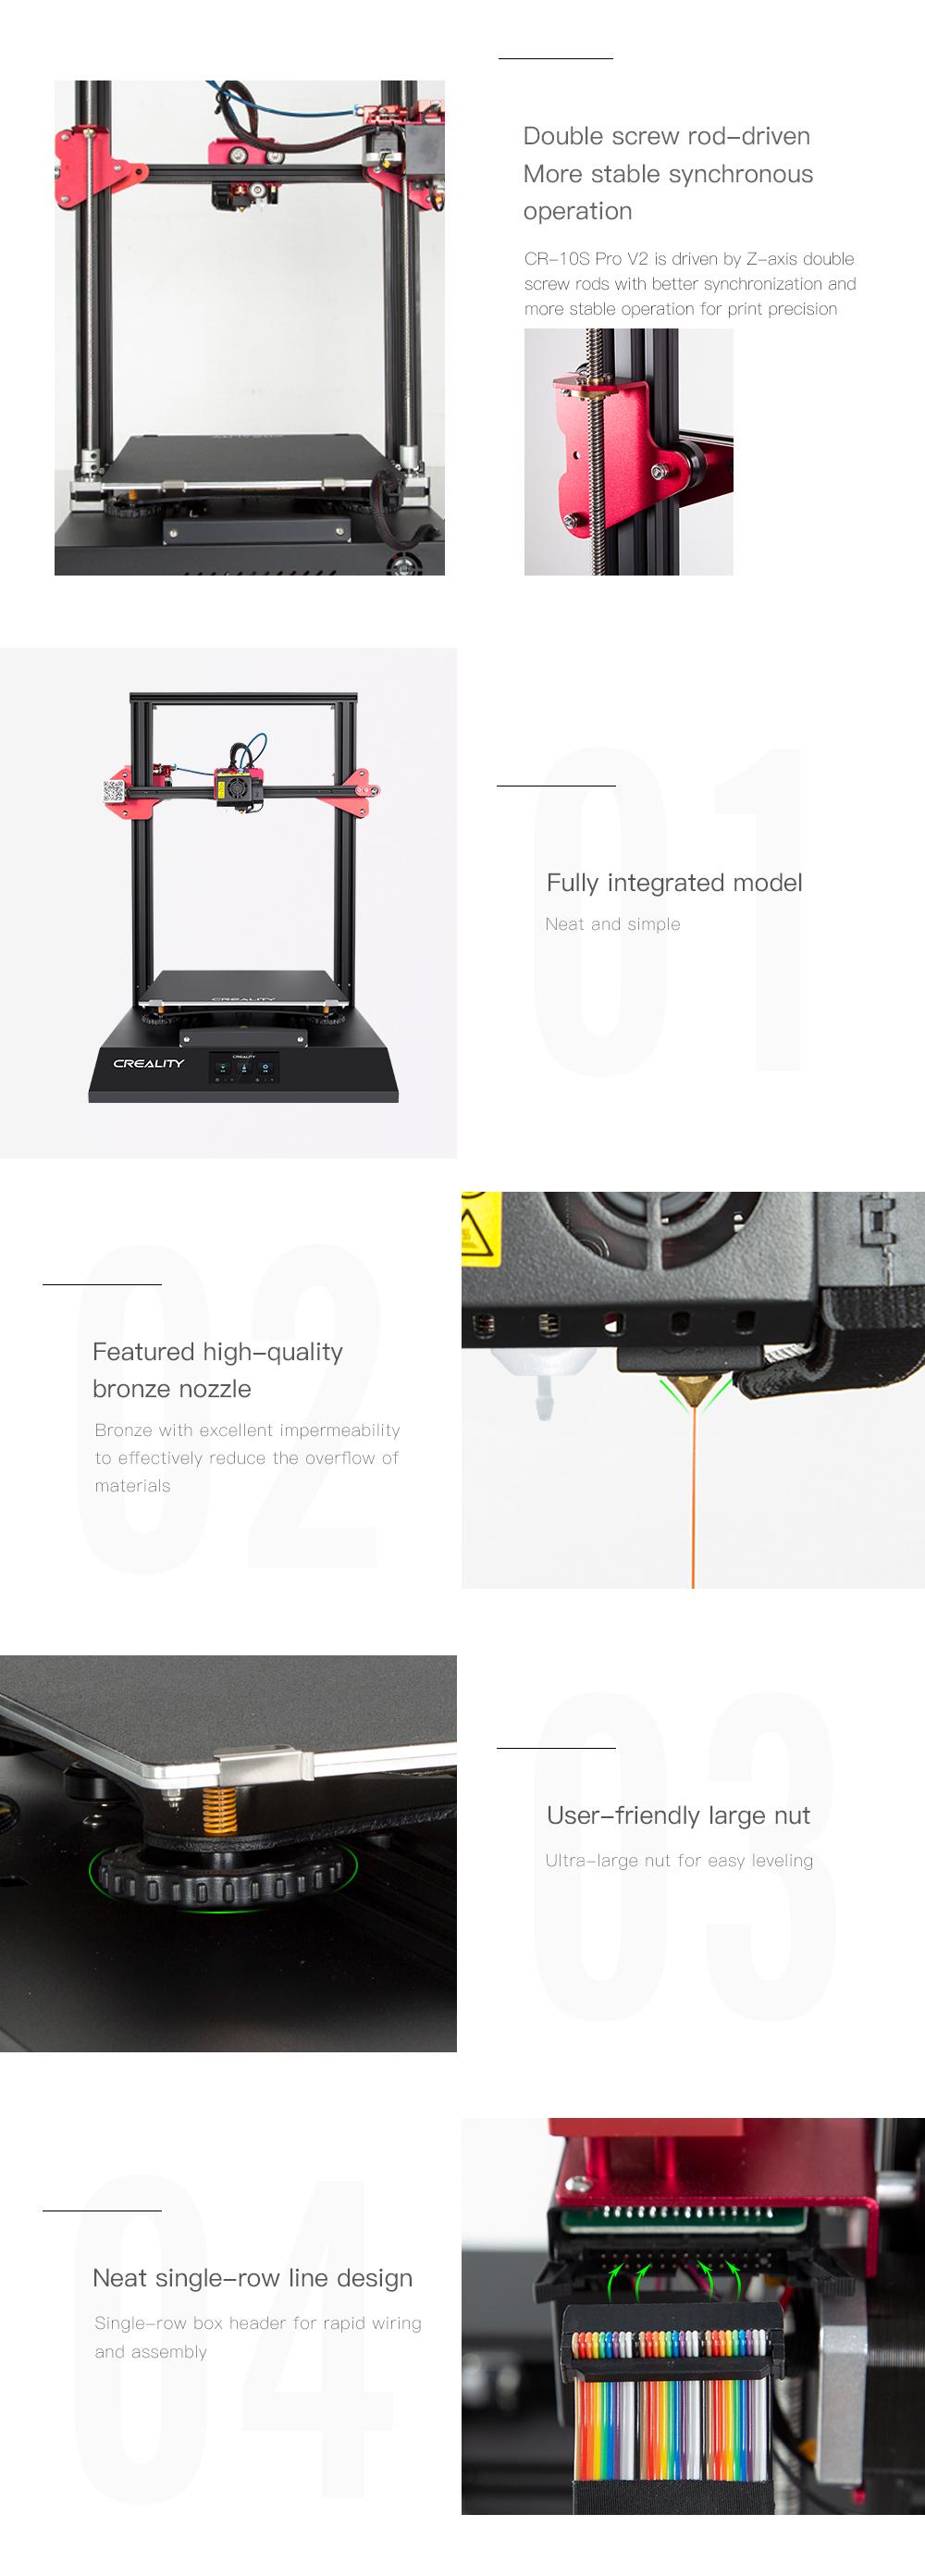 Creality3D CR-10S Pro V2 3D-Drucker Bausatz - 300x300x400mm - Duale Z-Achse - Verbesserte Messingdüse - Extragroße Nivelliermuttern - Flachbandkabel